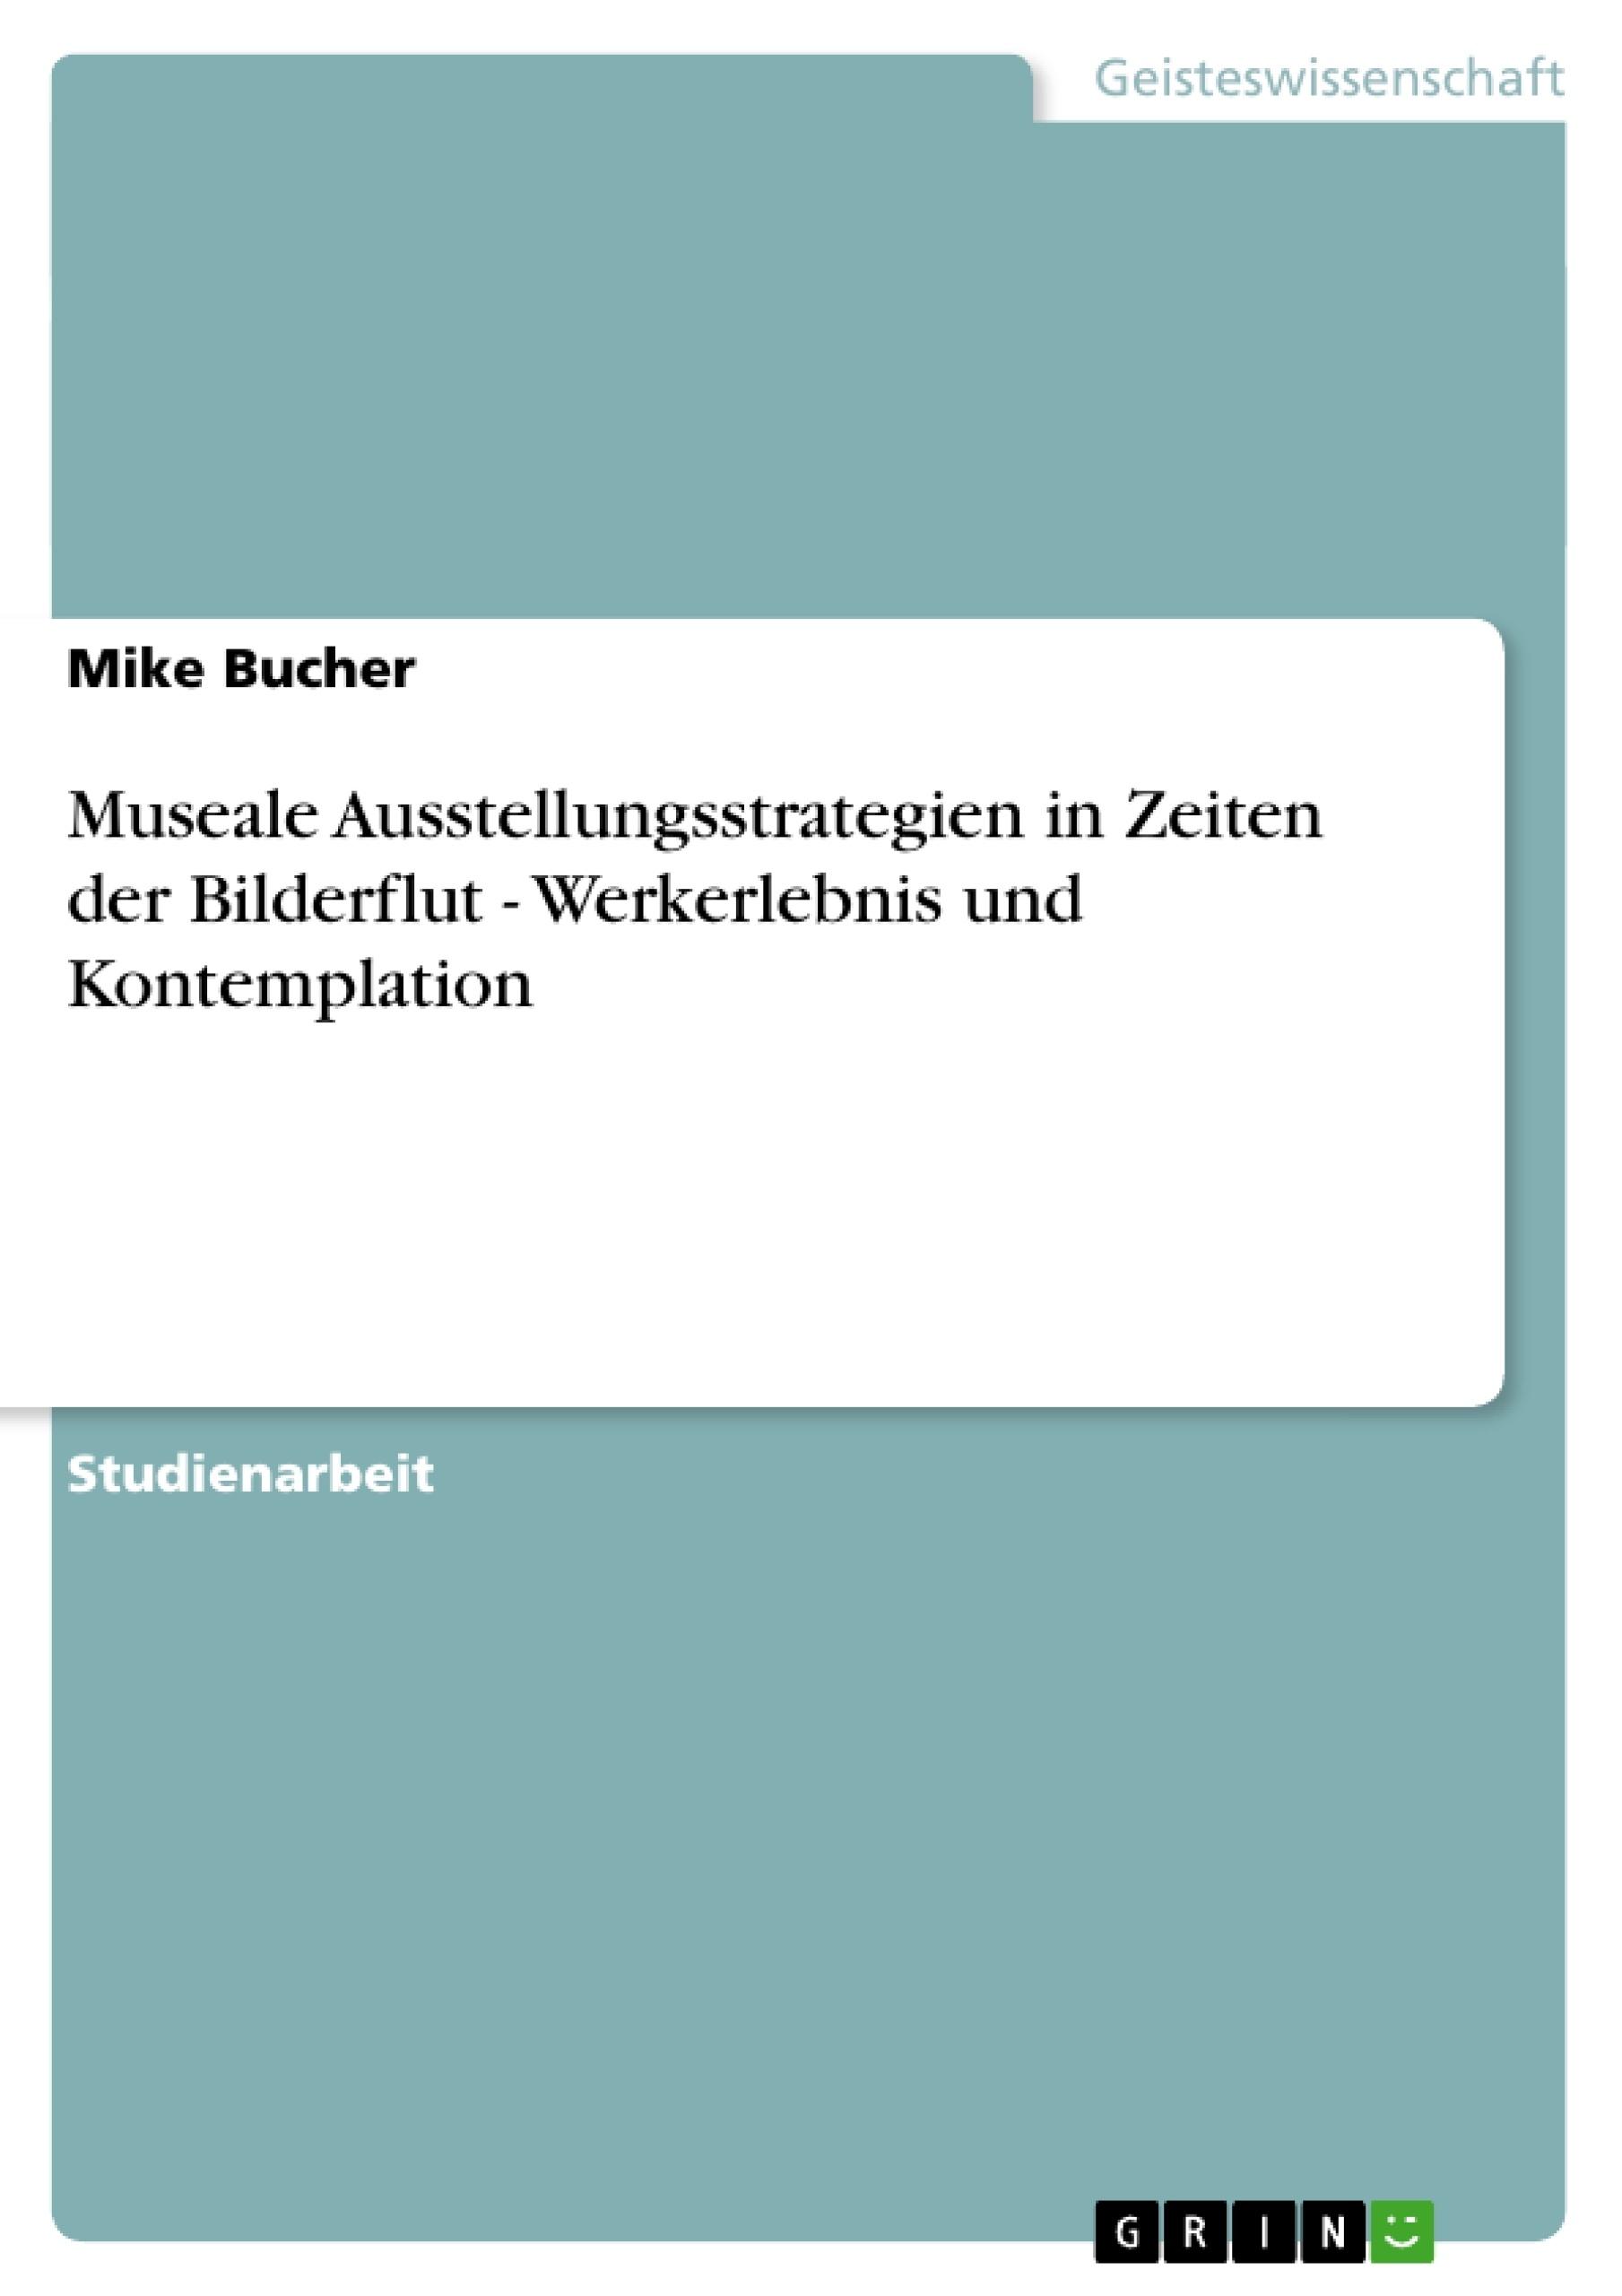 Titel: Museale Ausstellungsstrategien in Zeiten der Bilderflut - Werkerlebnis und Kontemplation